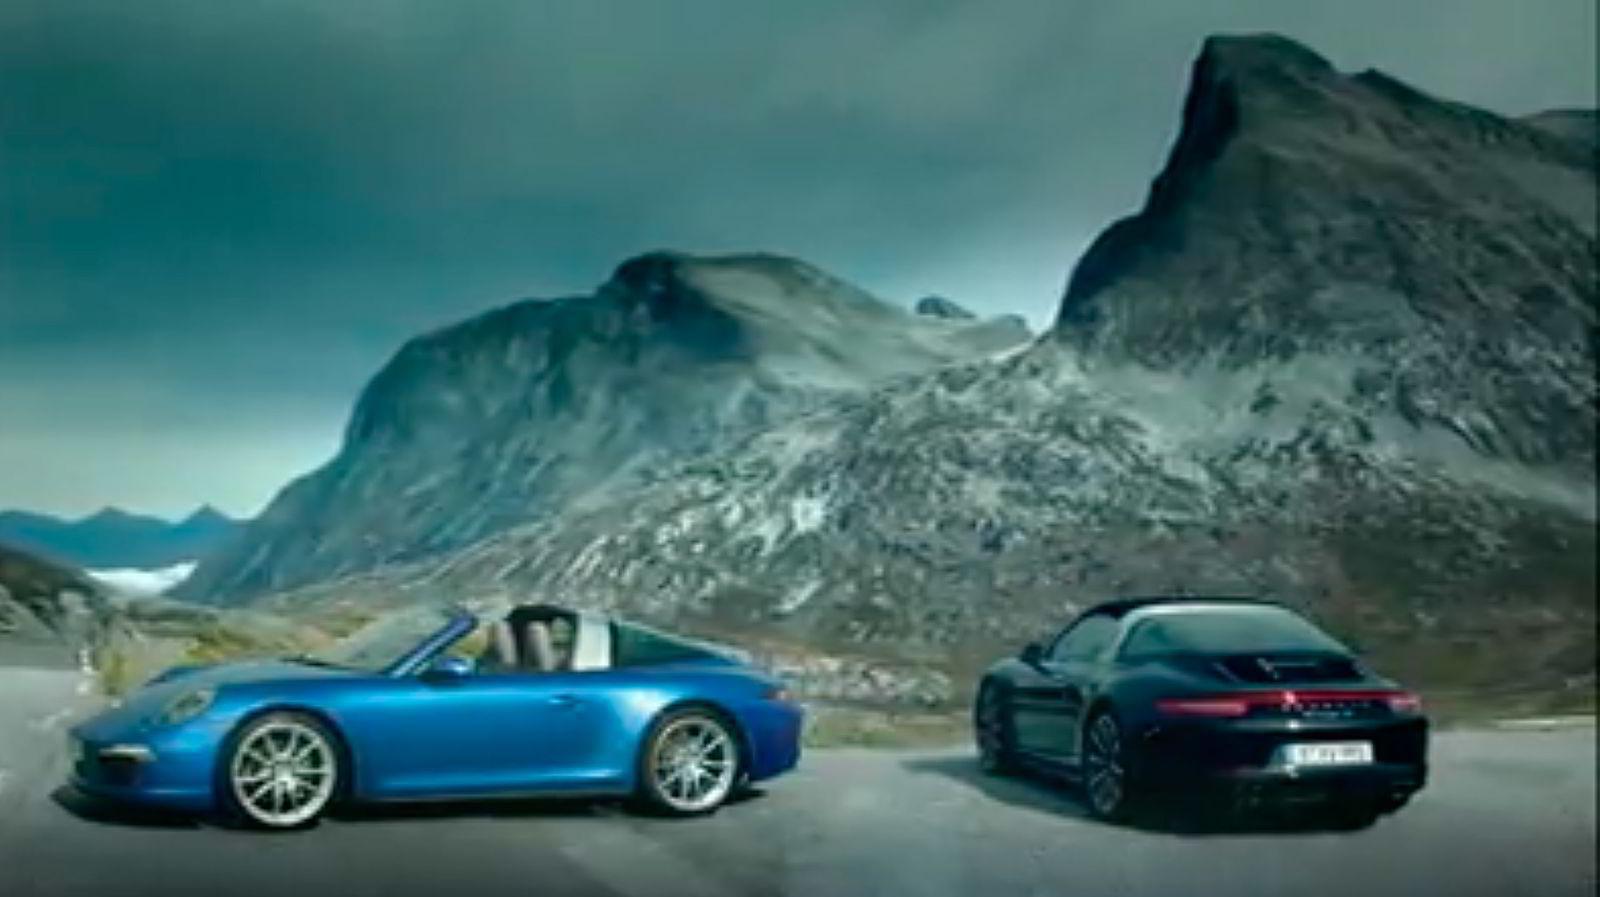 Her er Porsche 911 Targa i den norske fjellheimen. Skjermdump fra video.